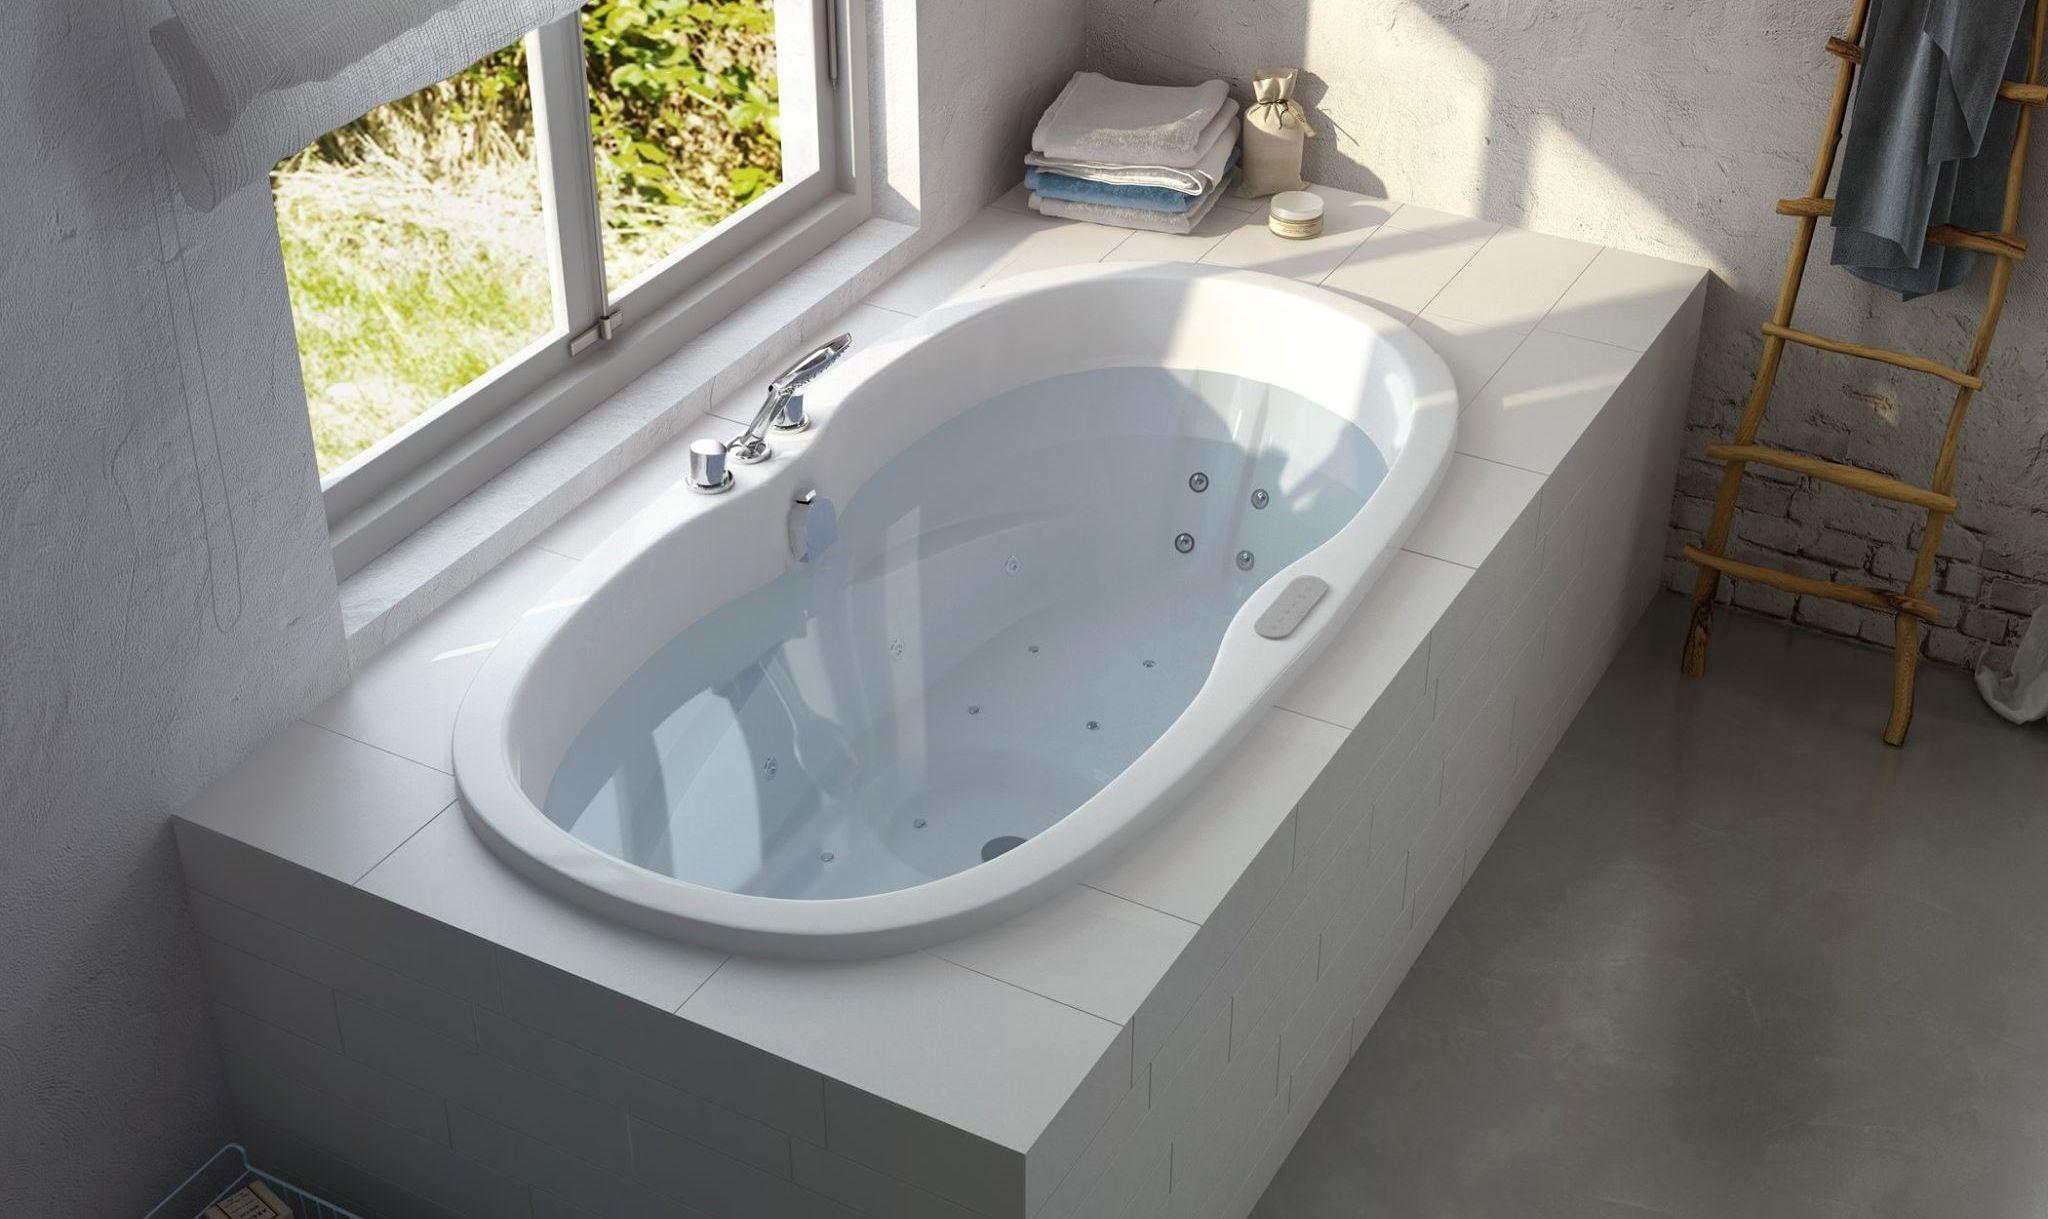 Whirlpool Bad Informatie : Bad met massagesystemen whirlpool van cleopatra baden